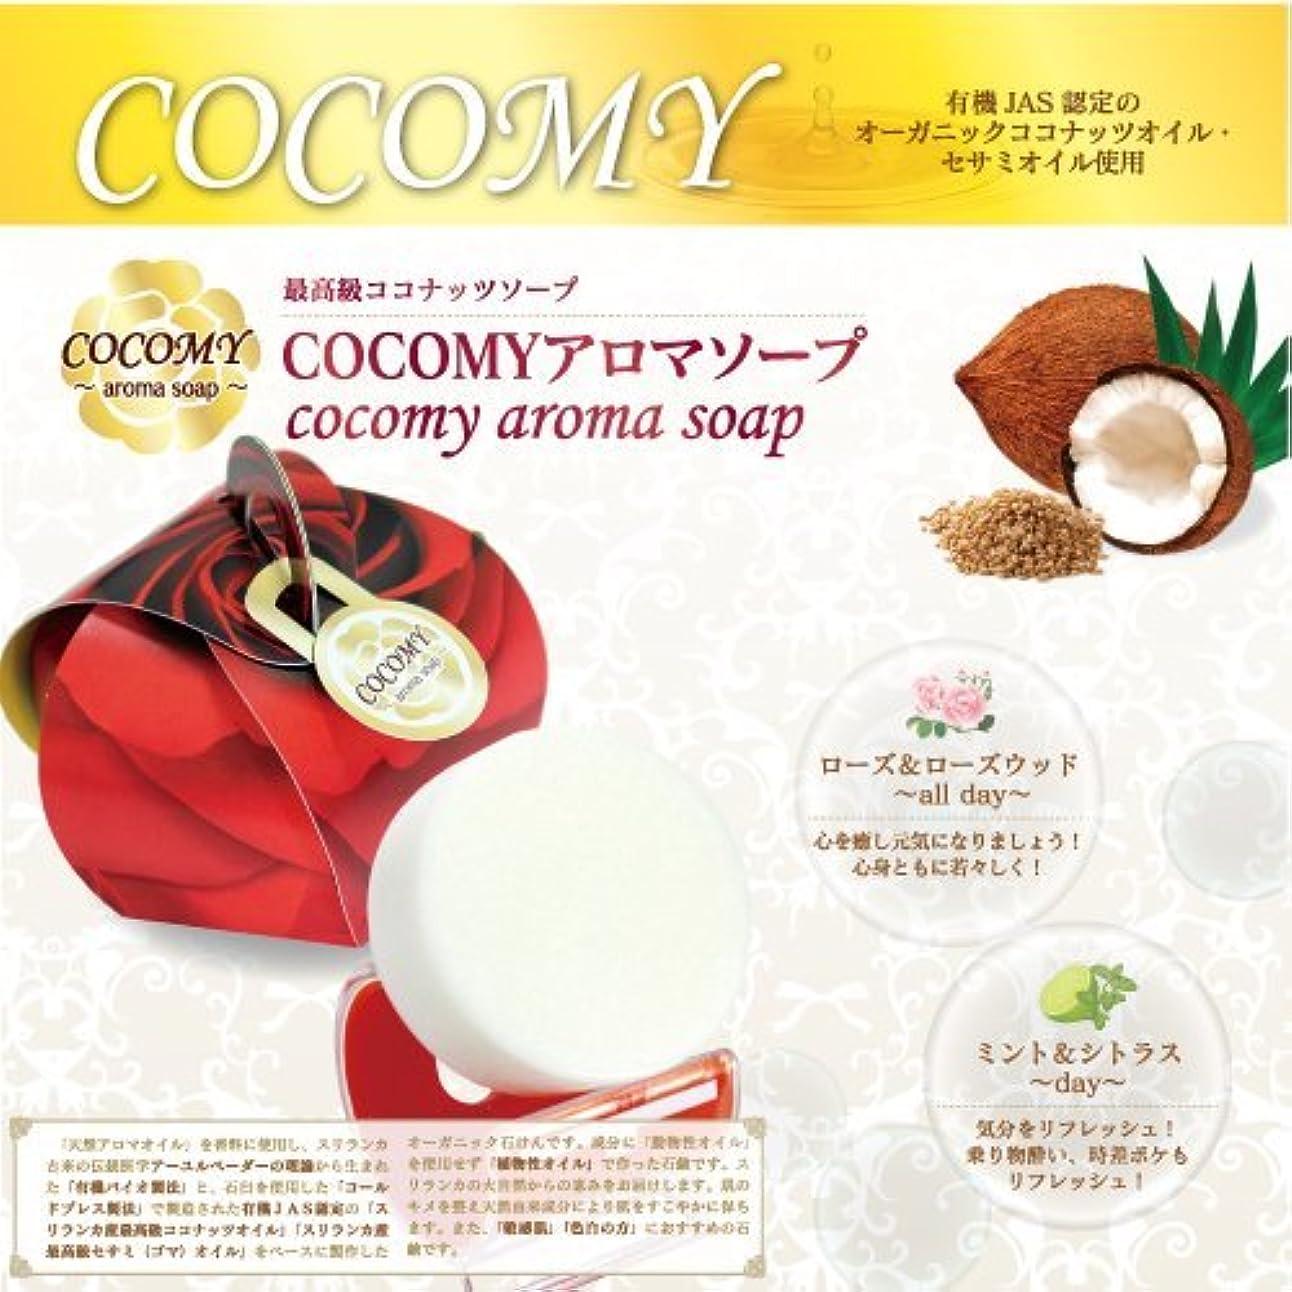 保持レモンまたねCOCOMY aromaソープ 4個セット (ミント&シトラス)(ローズ&ローズウッド) 40g×各2